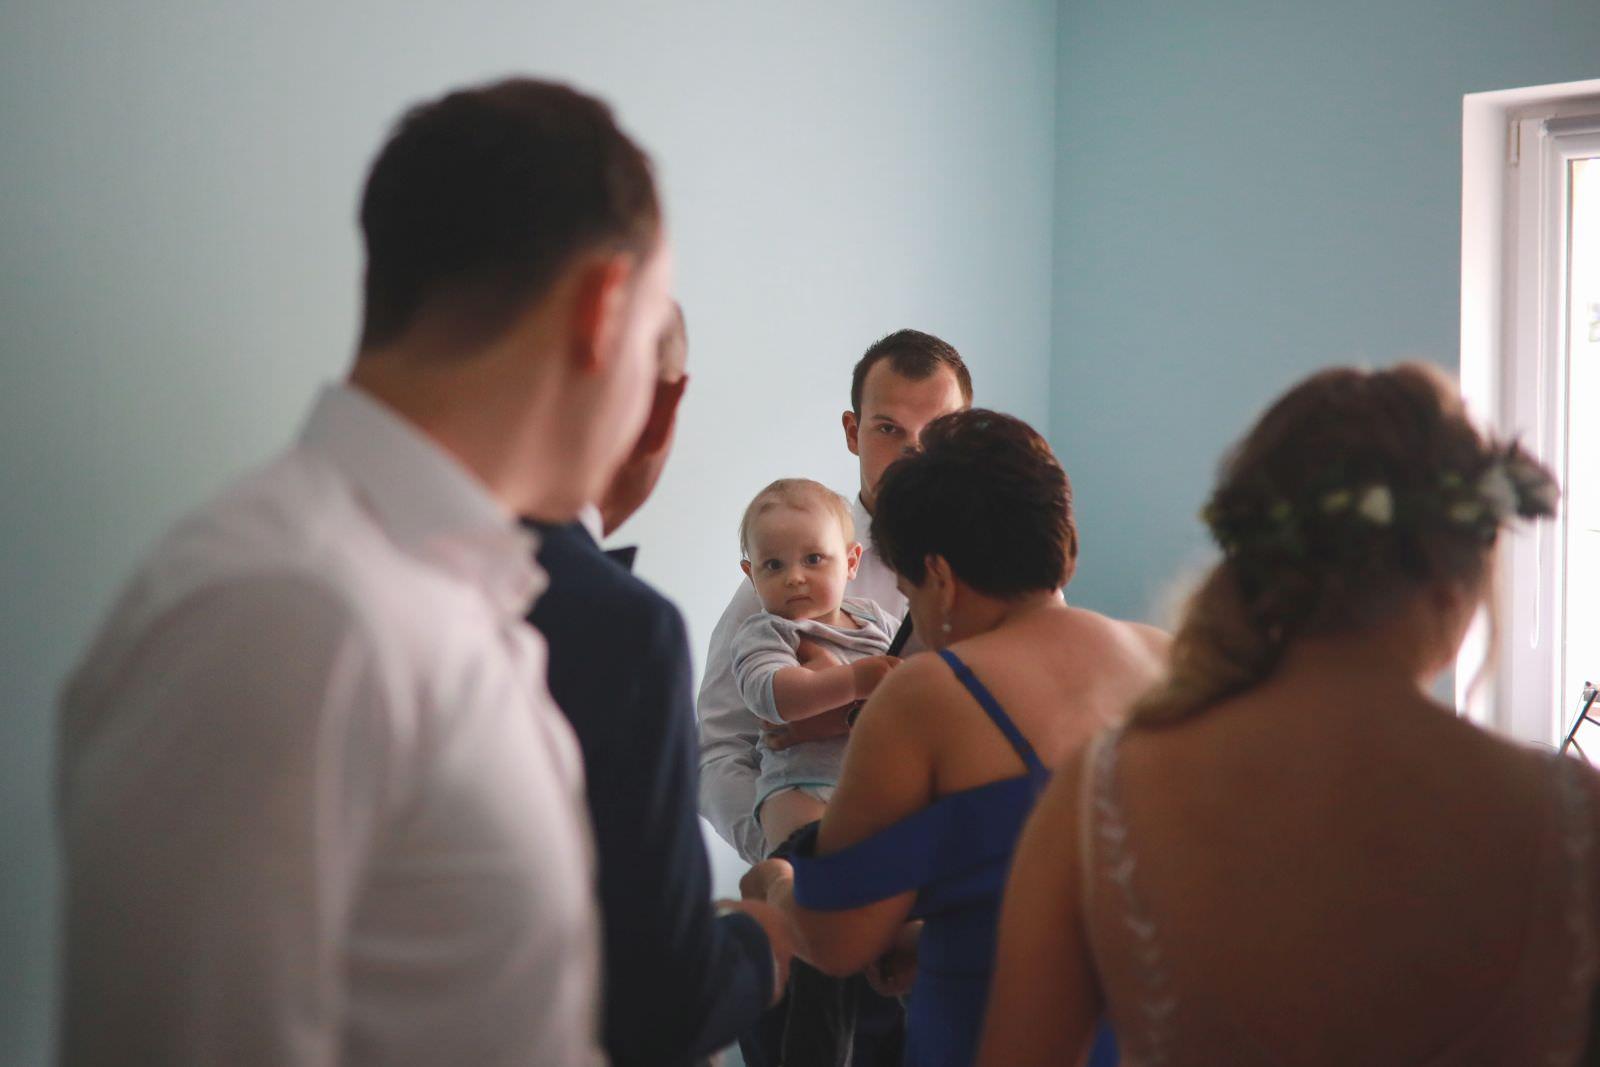 przygotowania podczas ślubu w domu